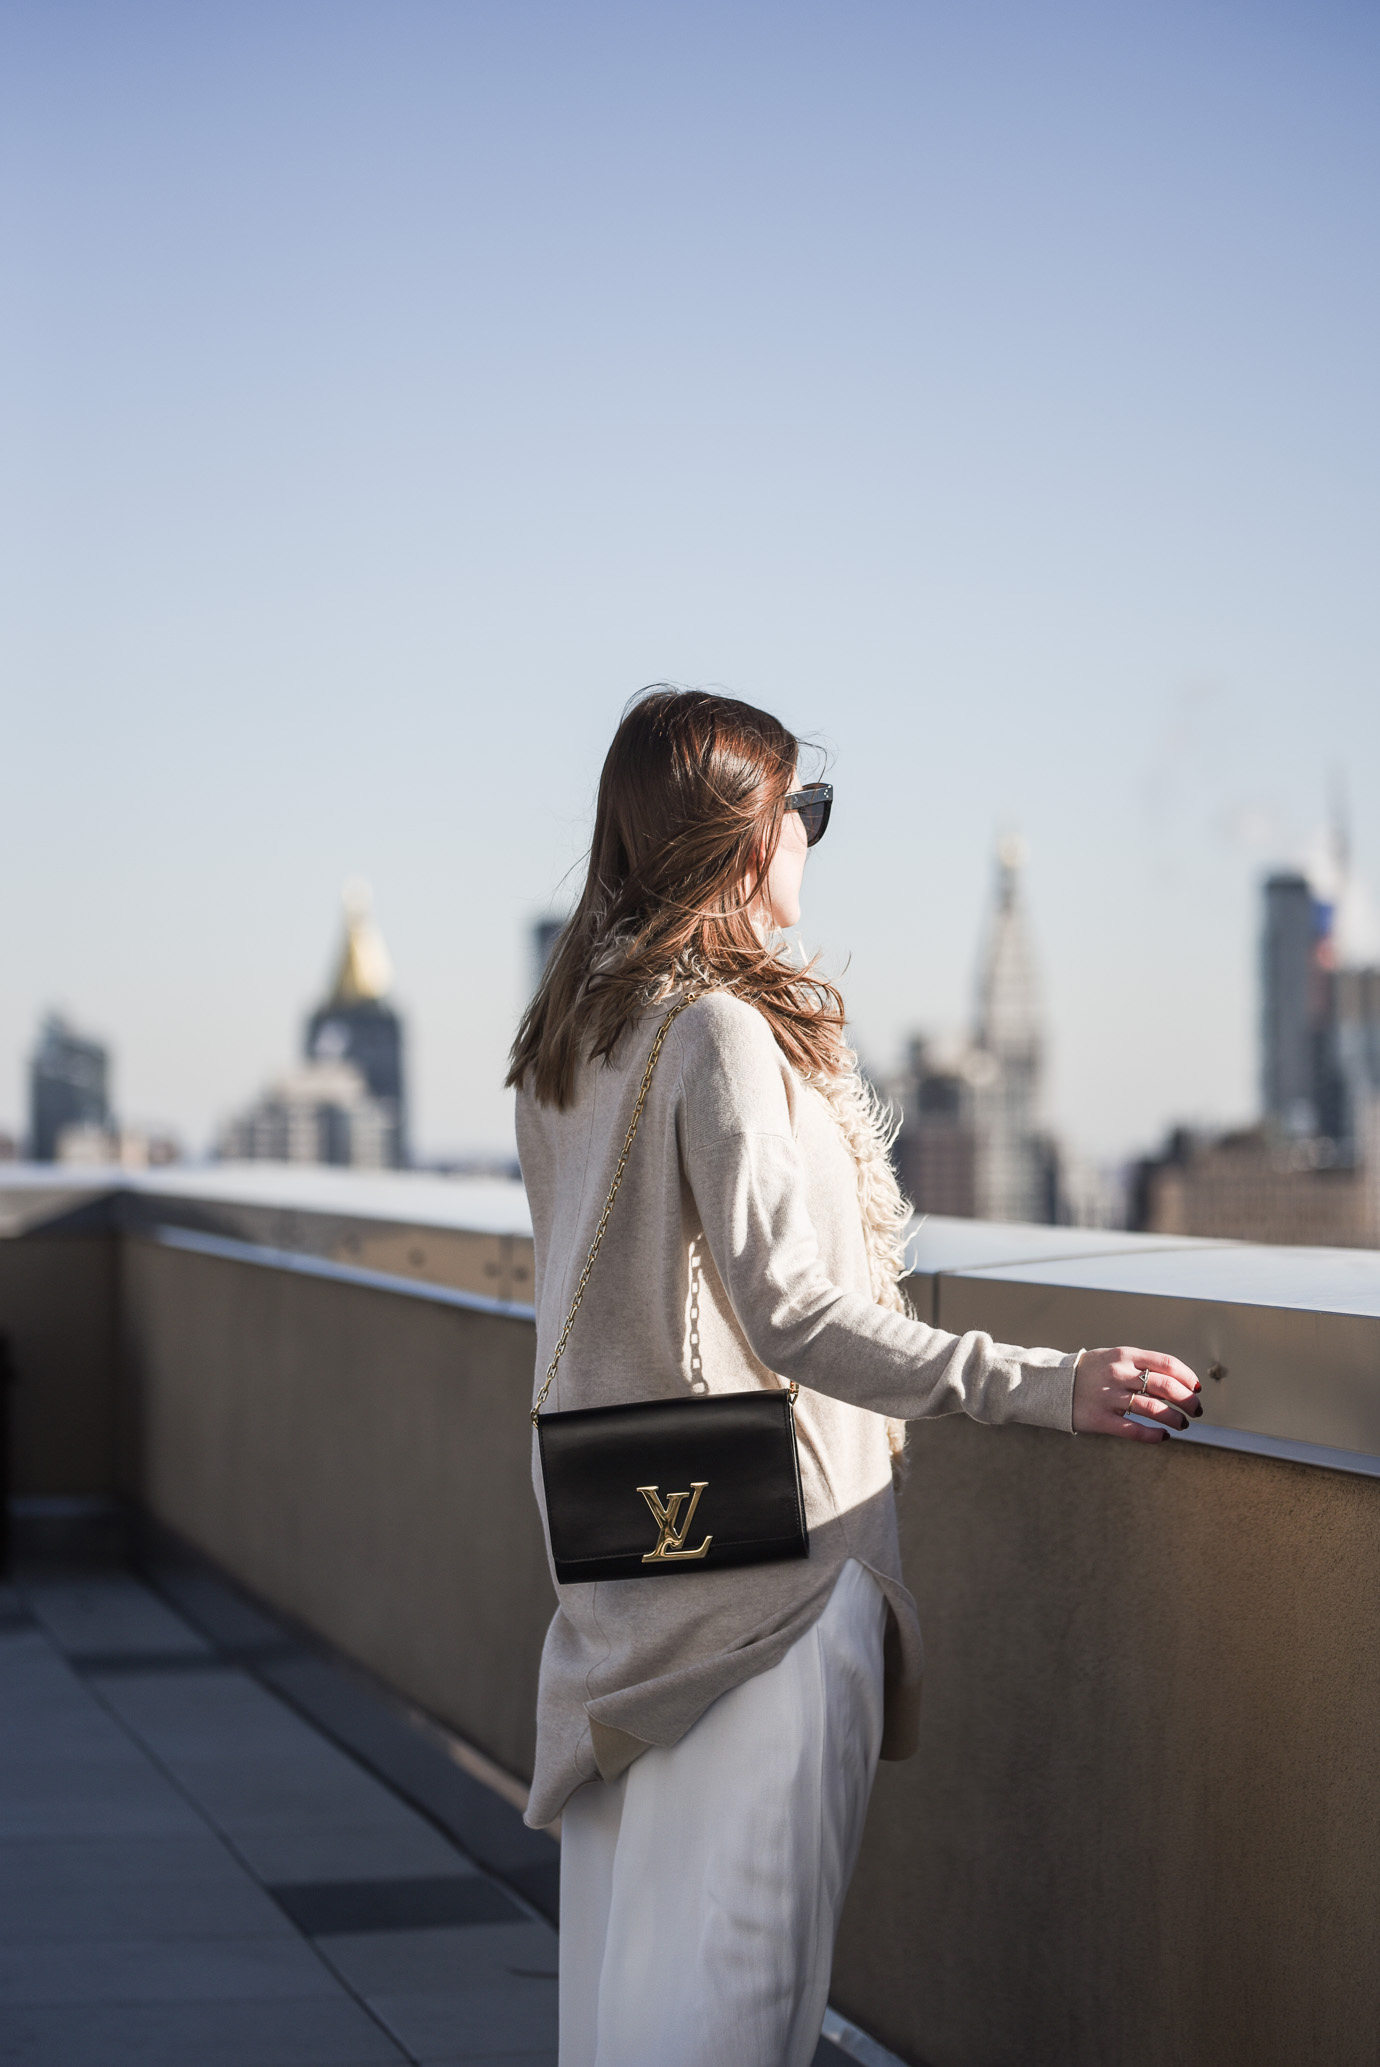 New_York_Fashion_Week_5